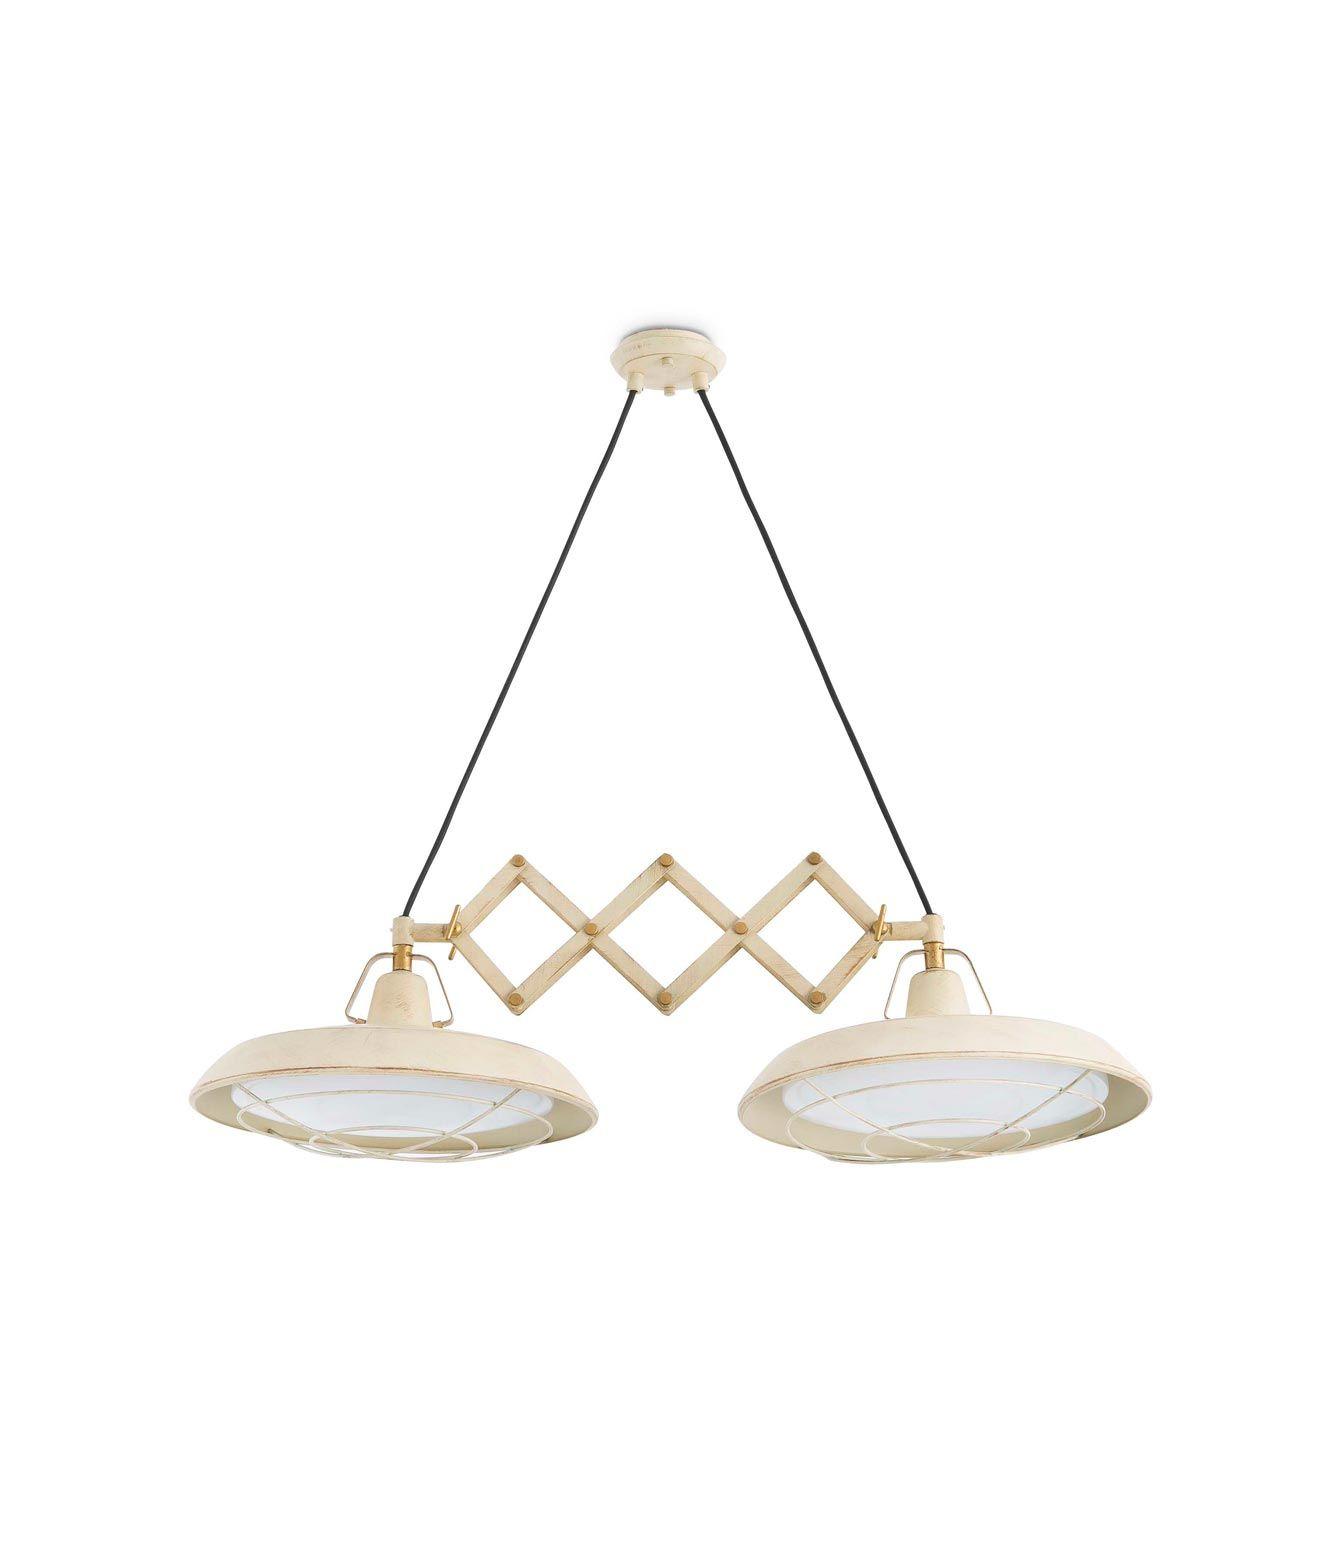 Lámpara extensible LED blanco PLEC 2 luces